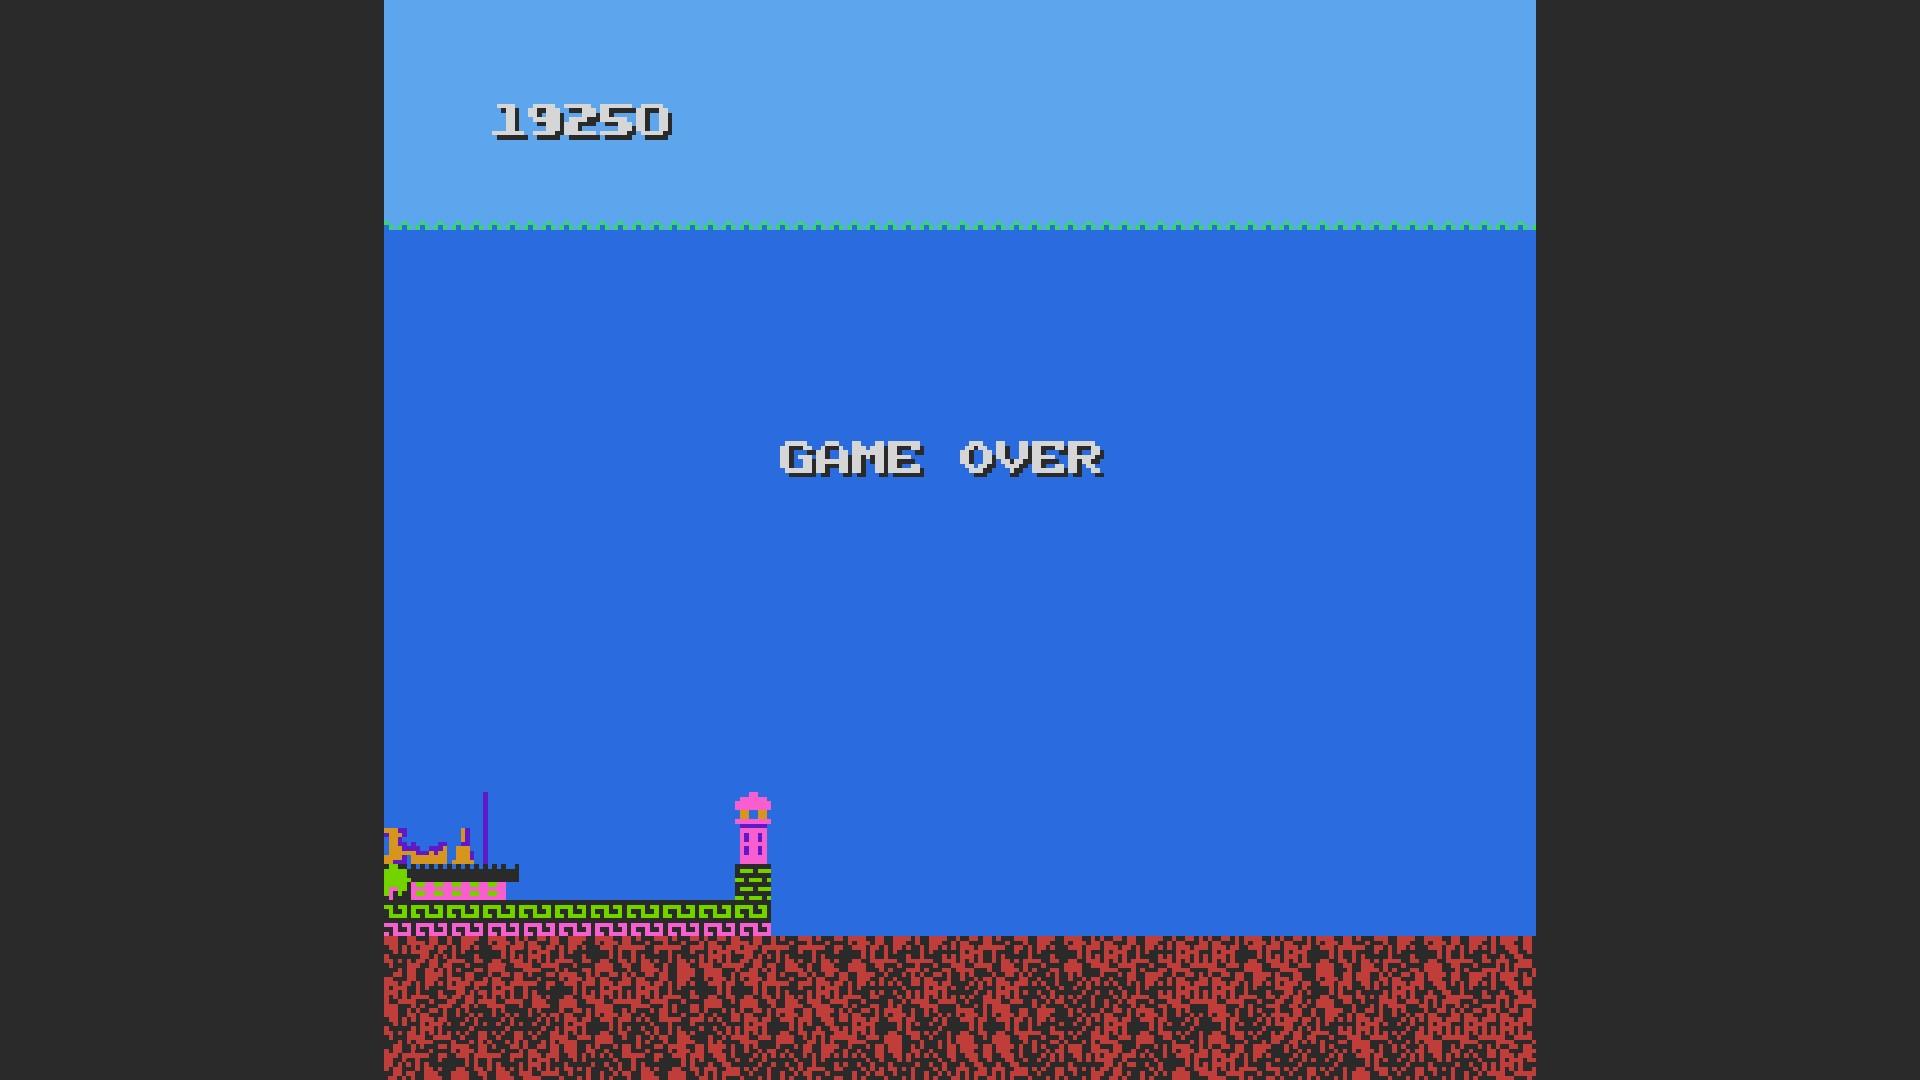 AkinNahtanoj: Sqoon (NES/Famicom Emulated) 19,250 points on 2020-09-25 04:58:59